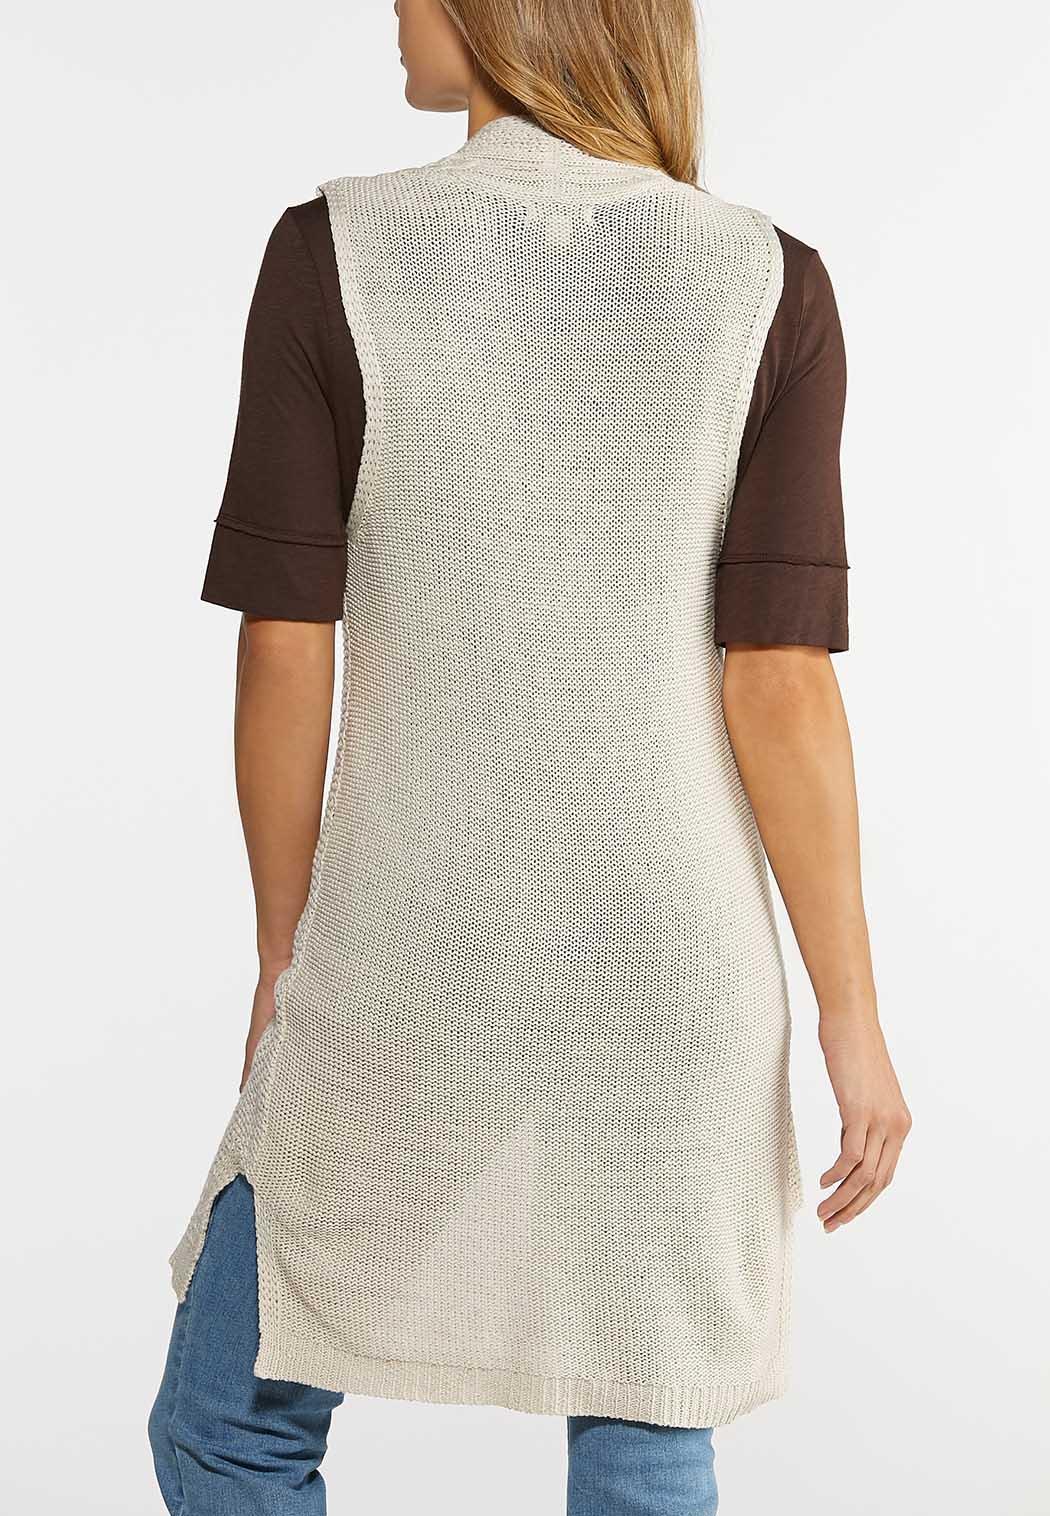 Plus Size Cable Knit Vest (Item #43992899)